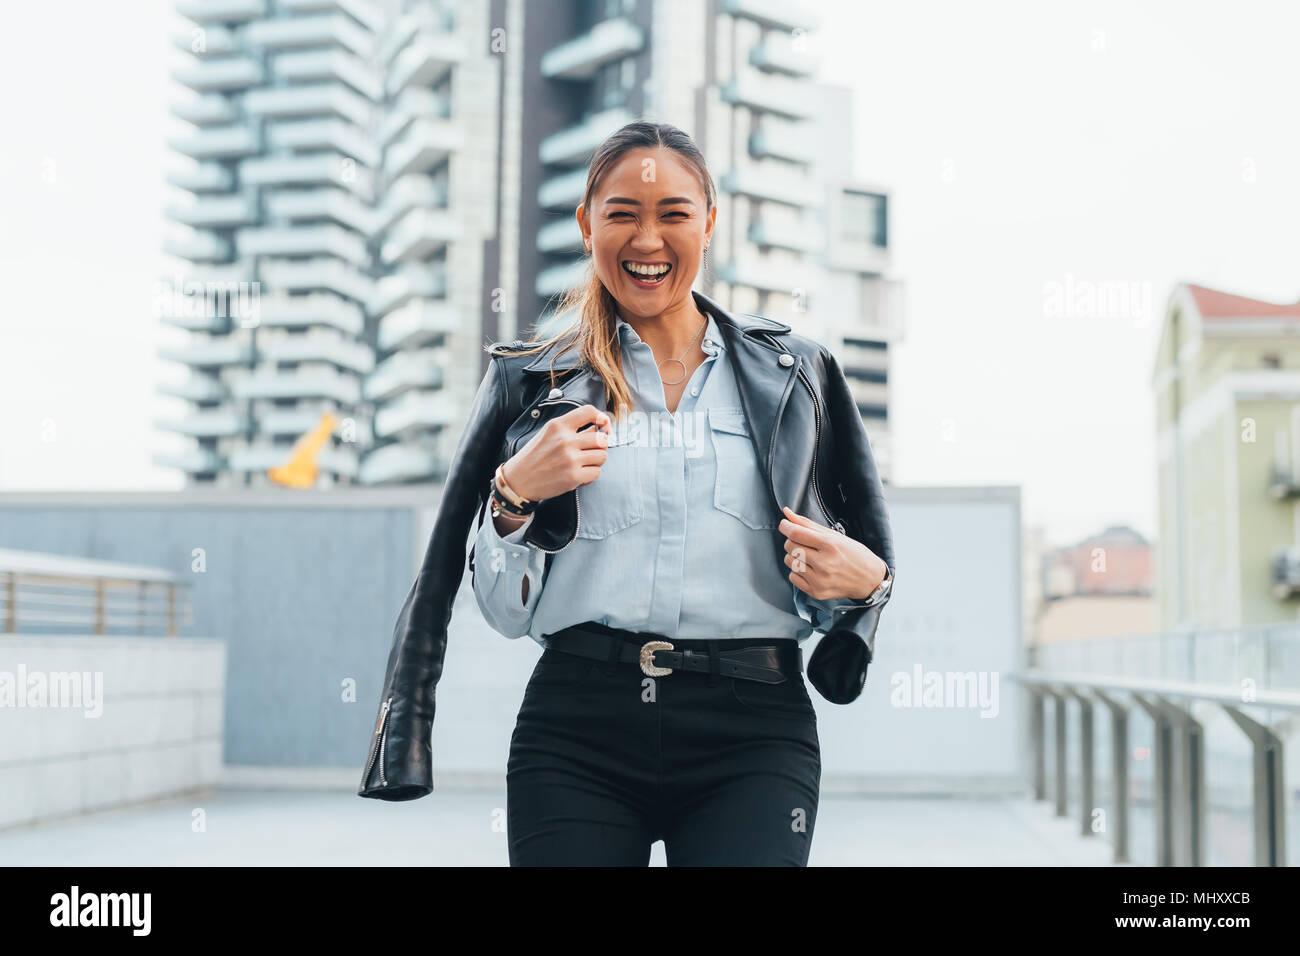 Ritratto di imprenditrice all'aperto, indossa una giacca di pelle attorno alle spalle, ridendo Immagini Stock